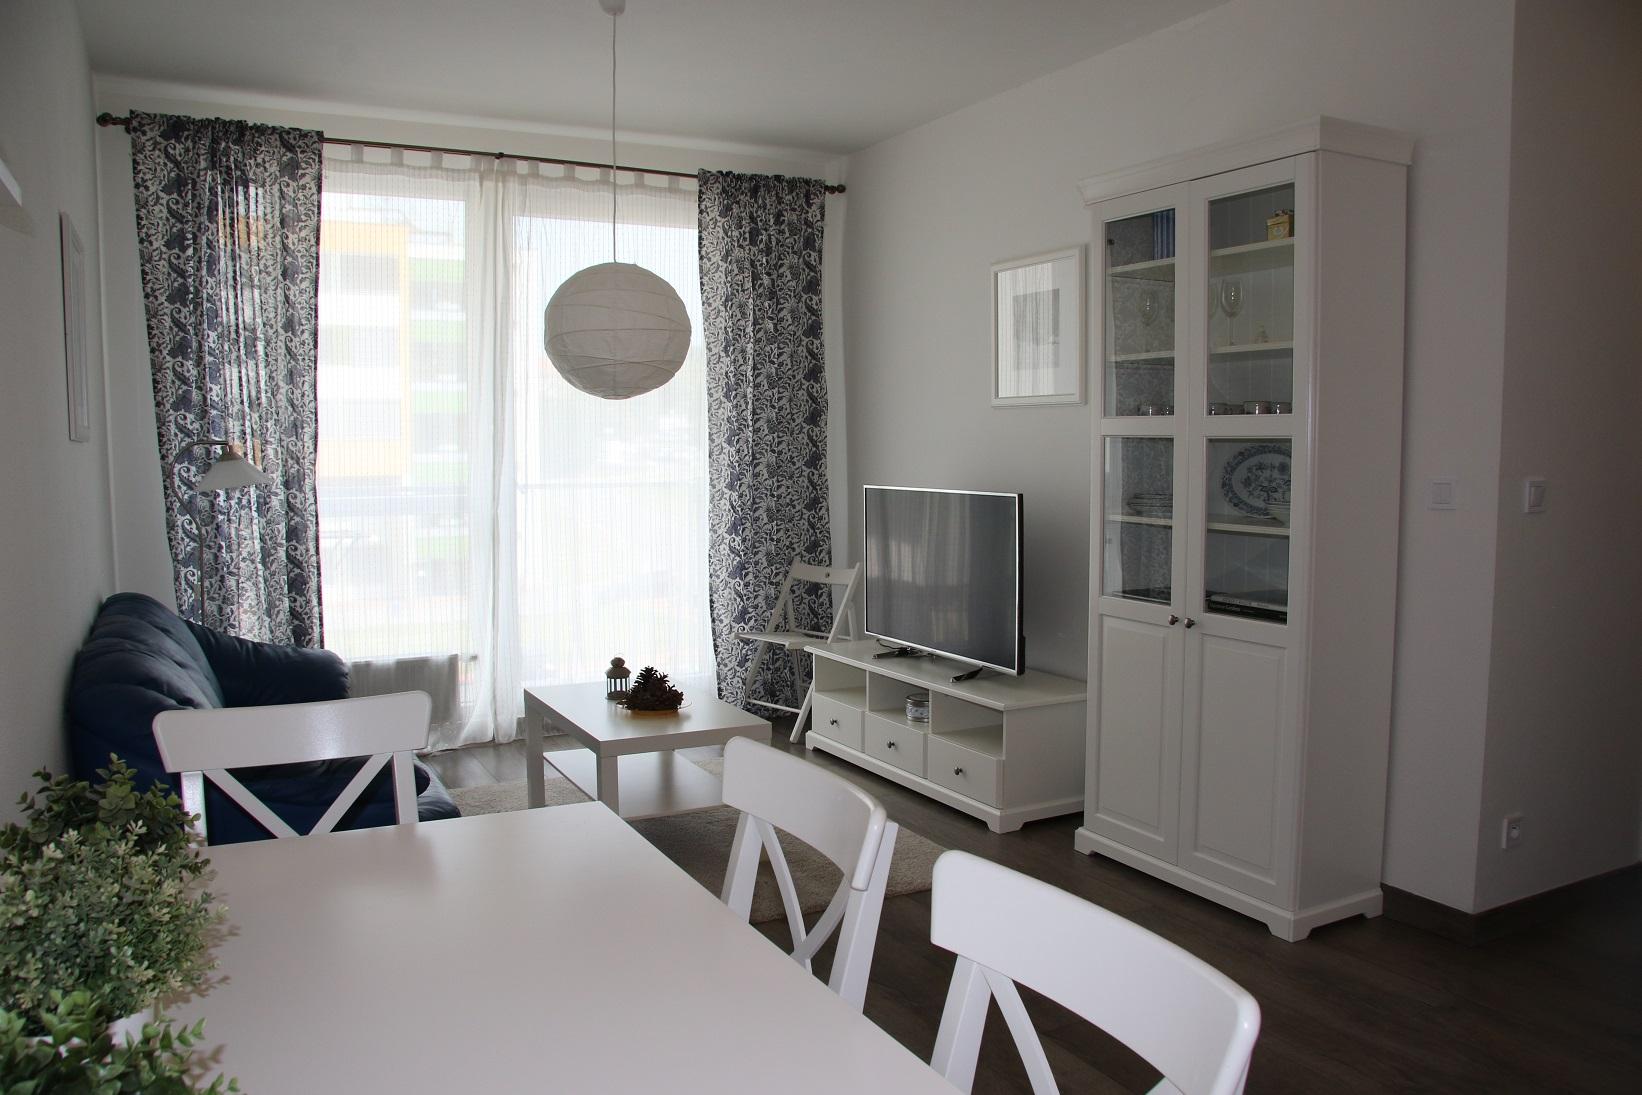 NovaNitra_1bed_no1_livingroom (1).JPG